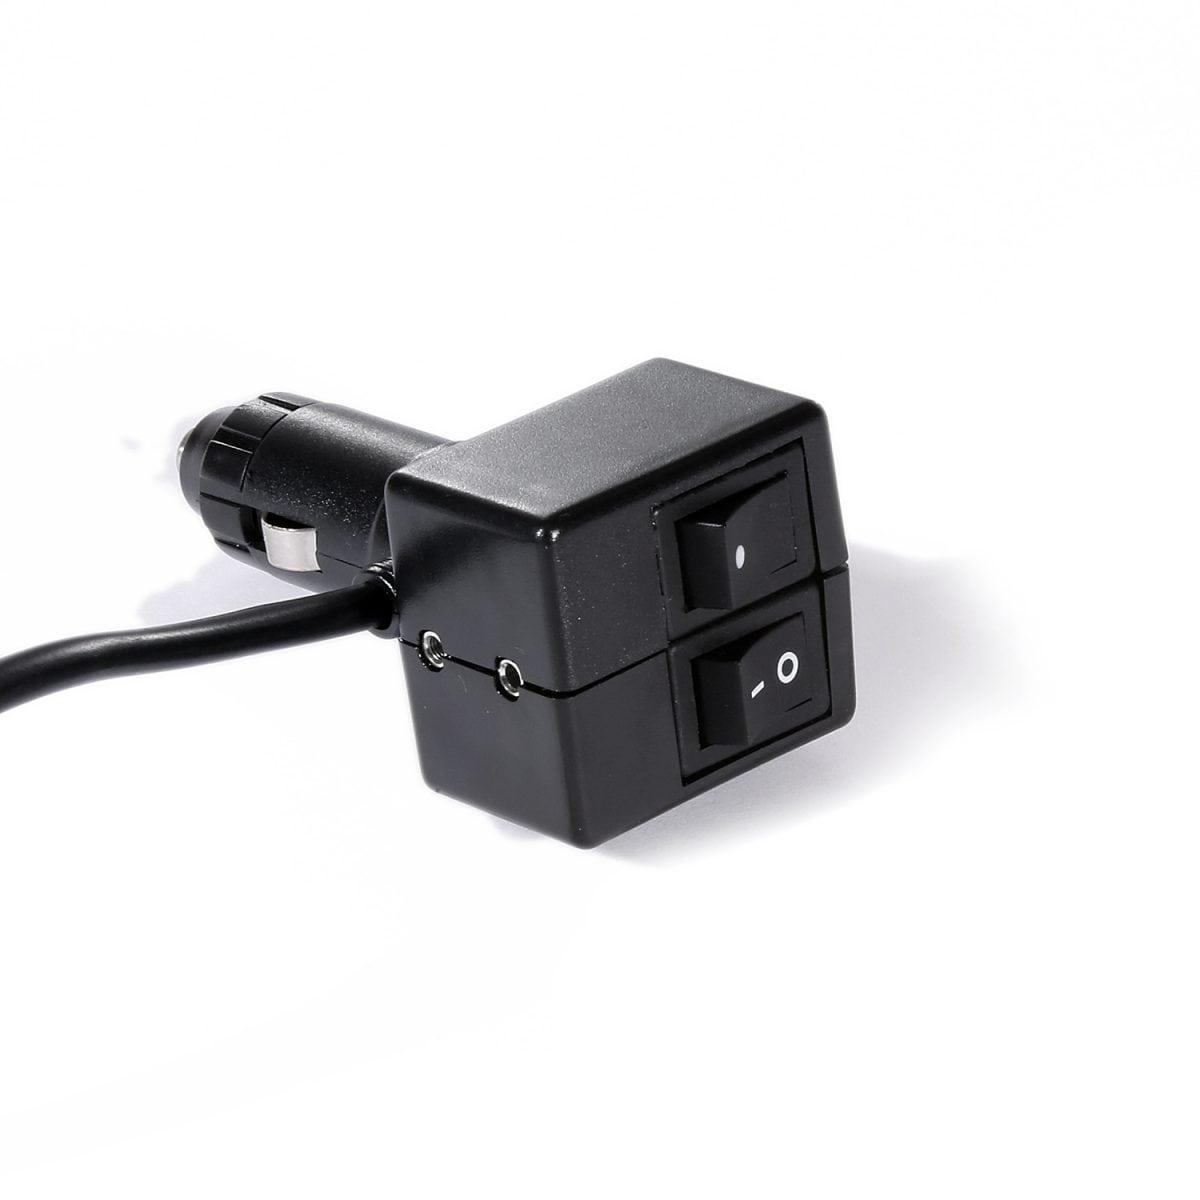 Thrasher Xxl Duo Dual Color Traffic Advisor 8 Head Lnr6